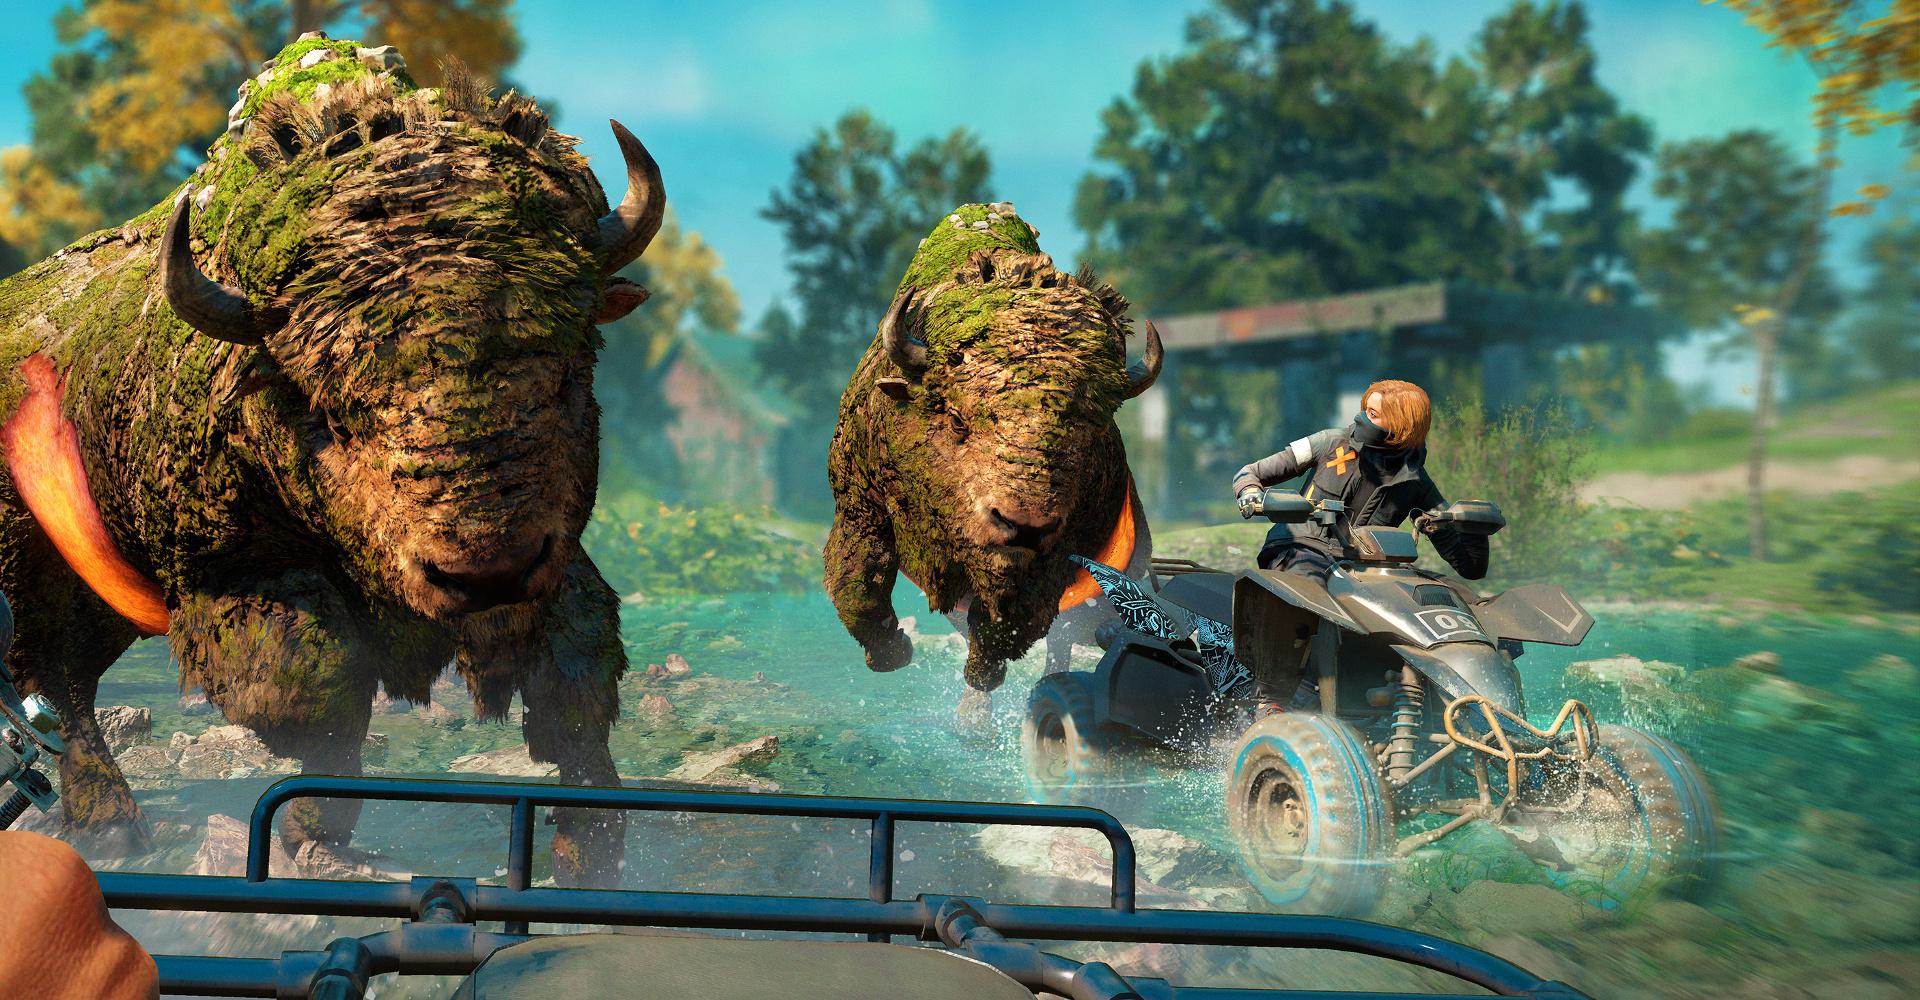 Far Cry New Dawn Mit Diesen Tipps Meisterst Du Den Ego Shooter